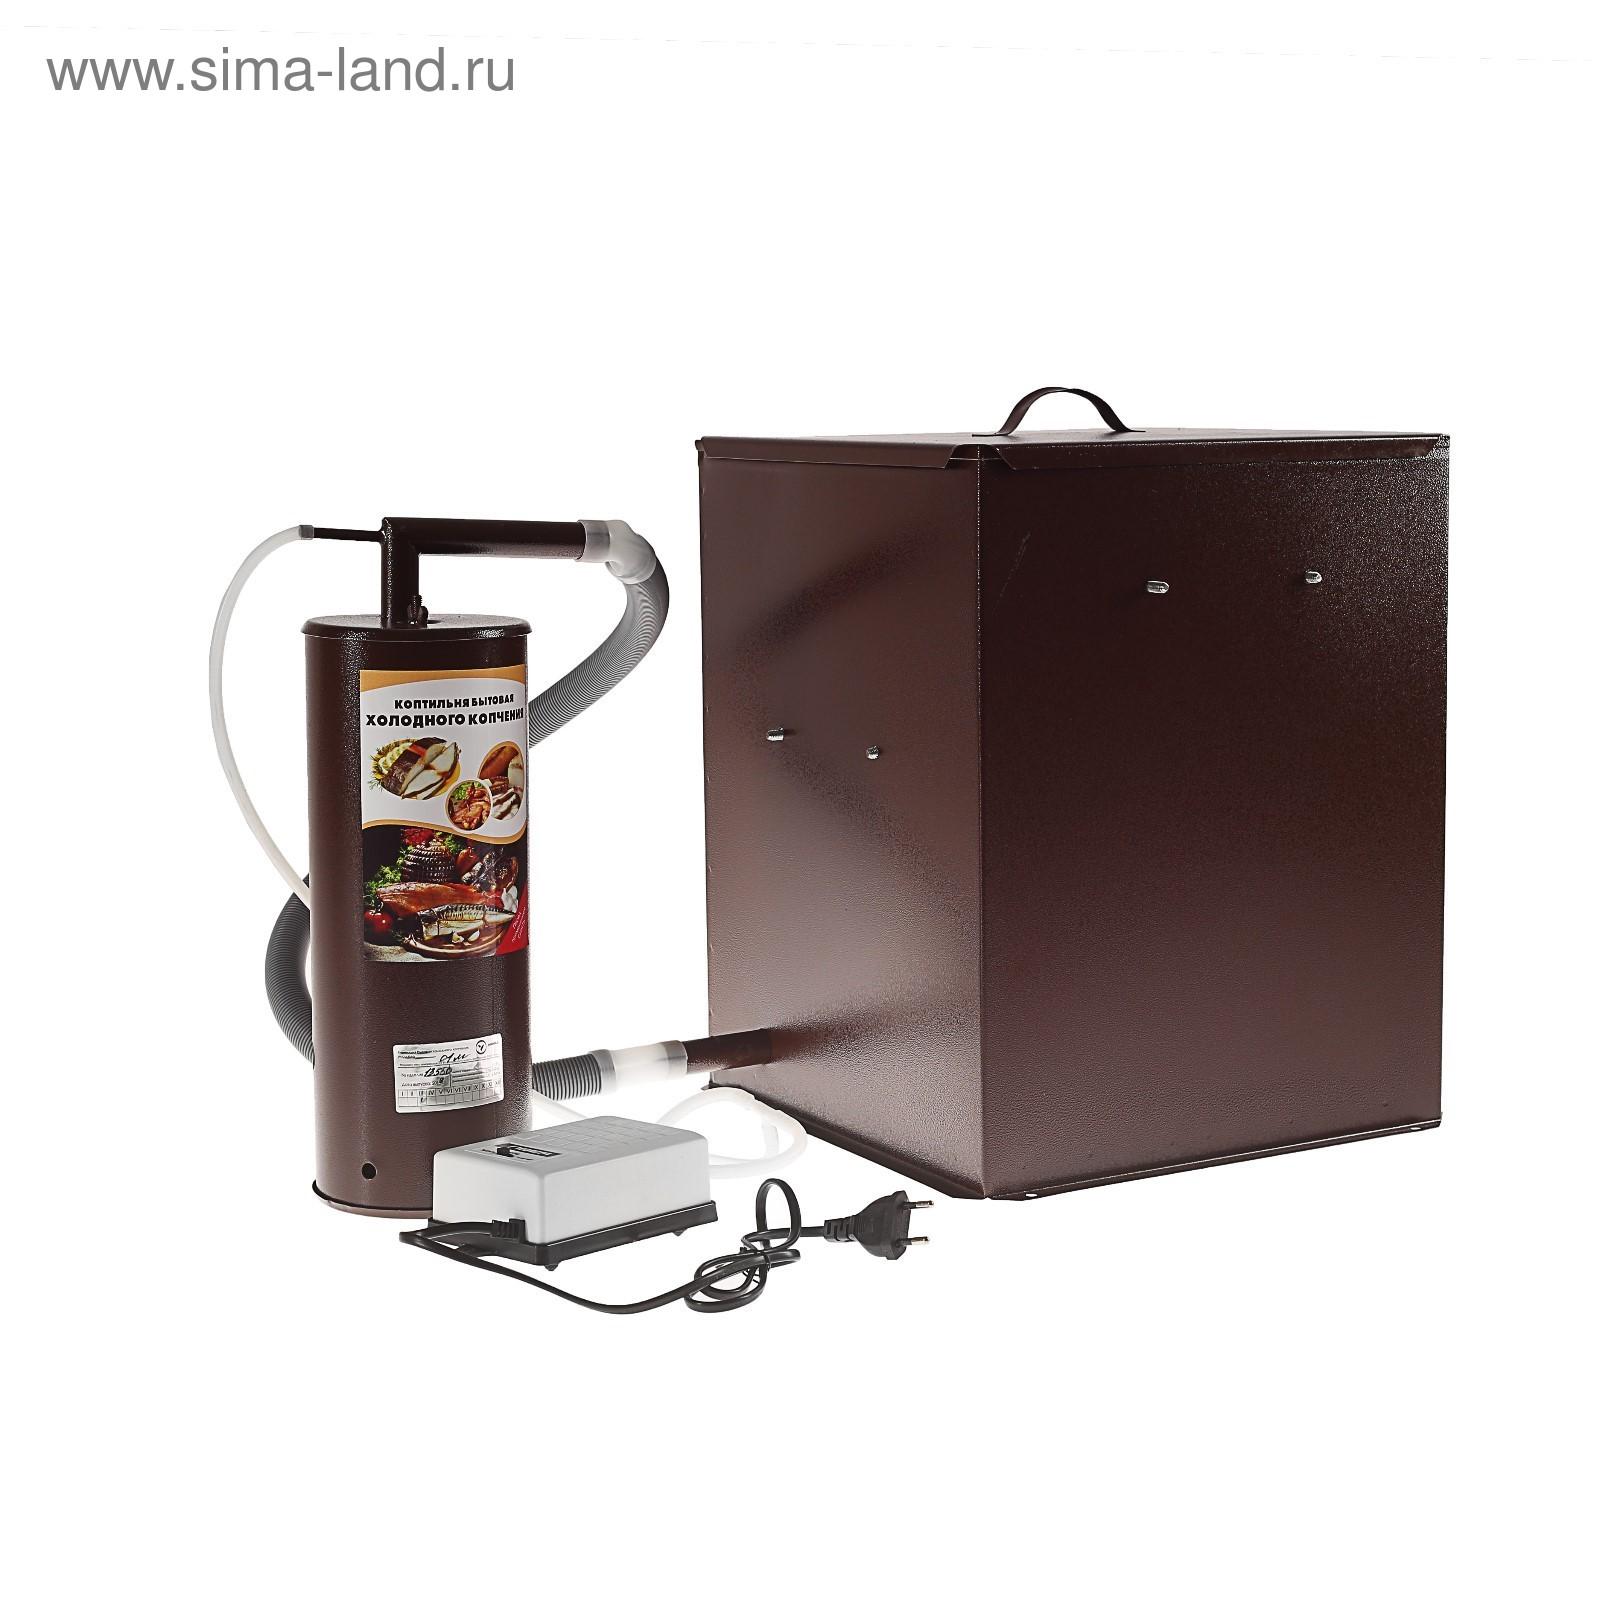 Купить коптильню холодного копчения в интернет магазине цена на самогонный аппарат магарыч